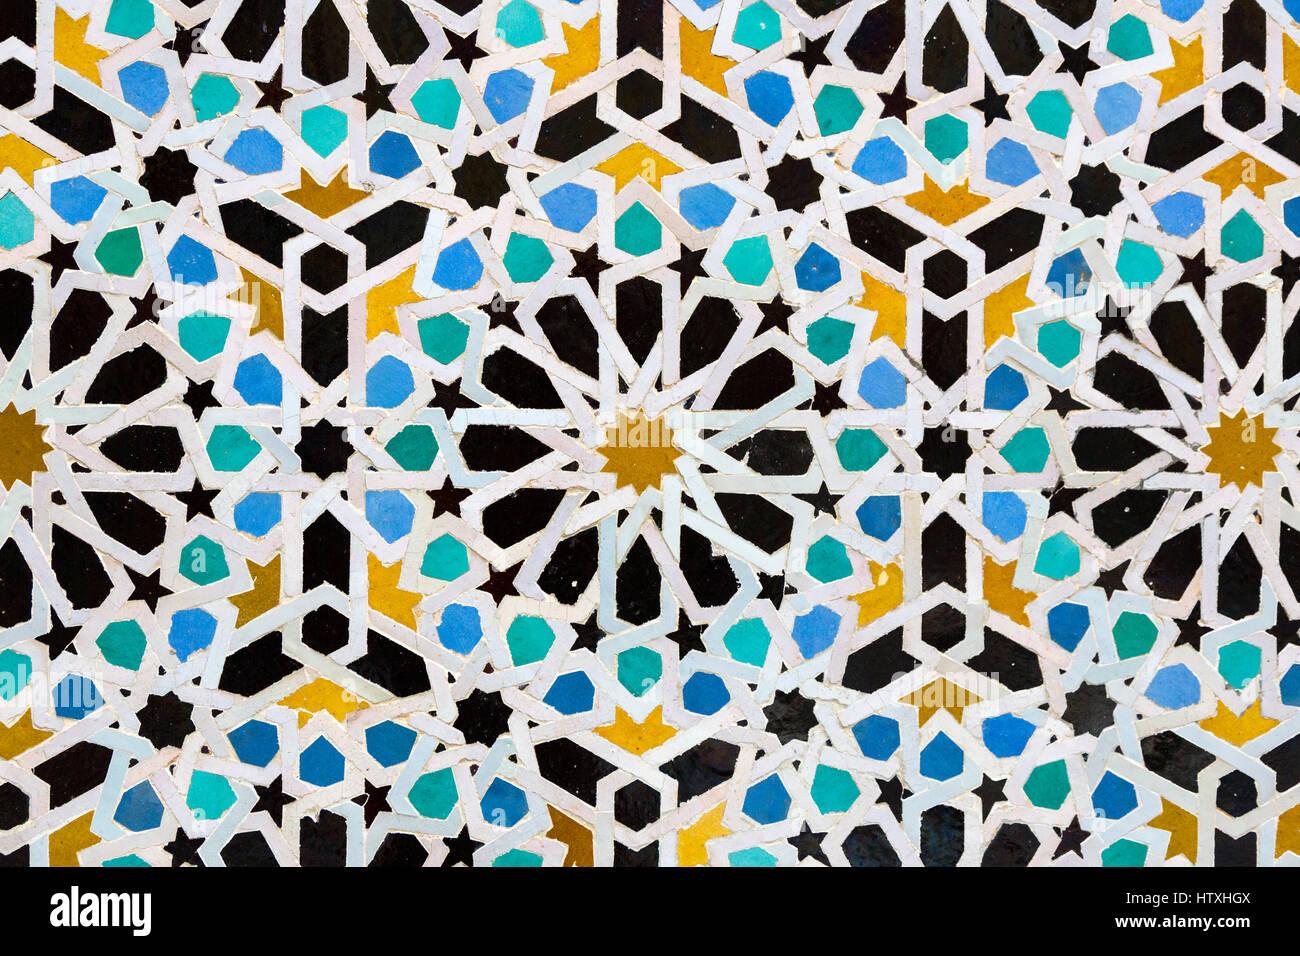 Fes marocco. medersa attarine 14th. secolo. mosaico geometrico